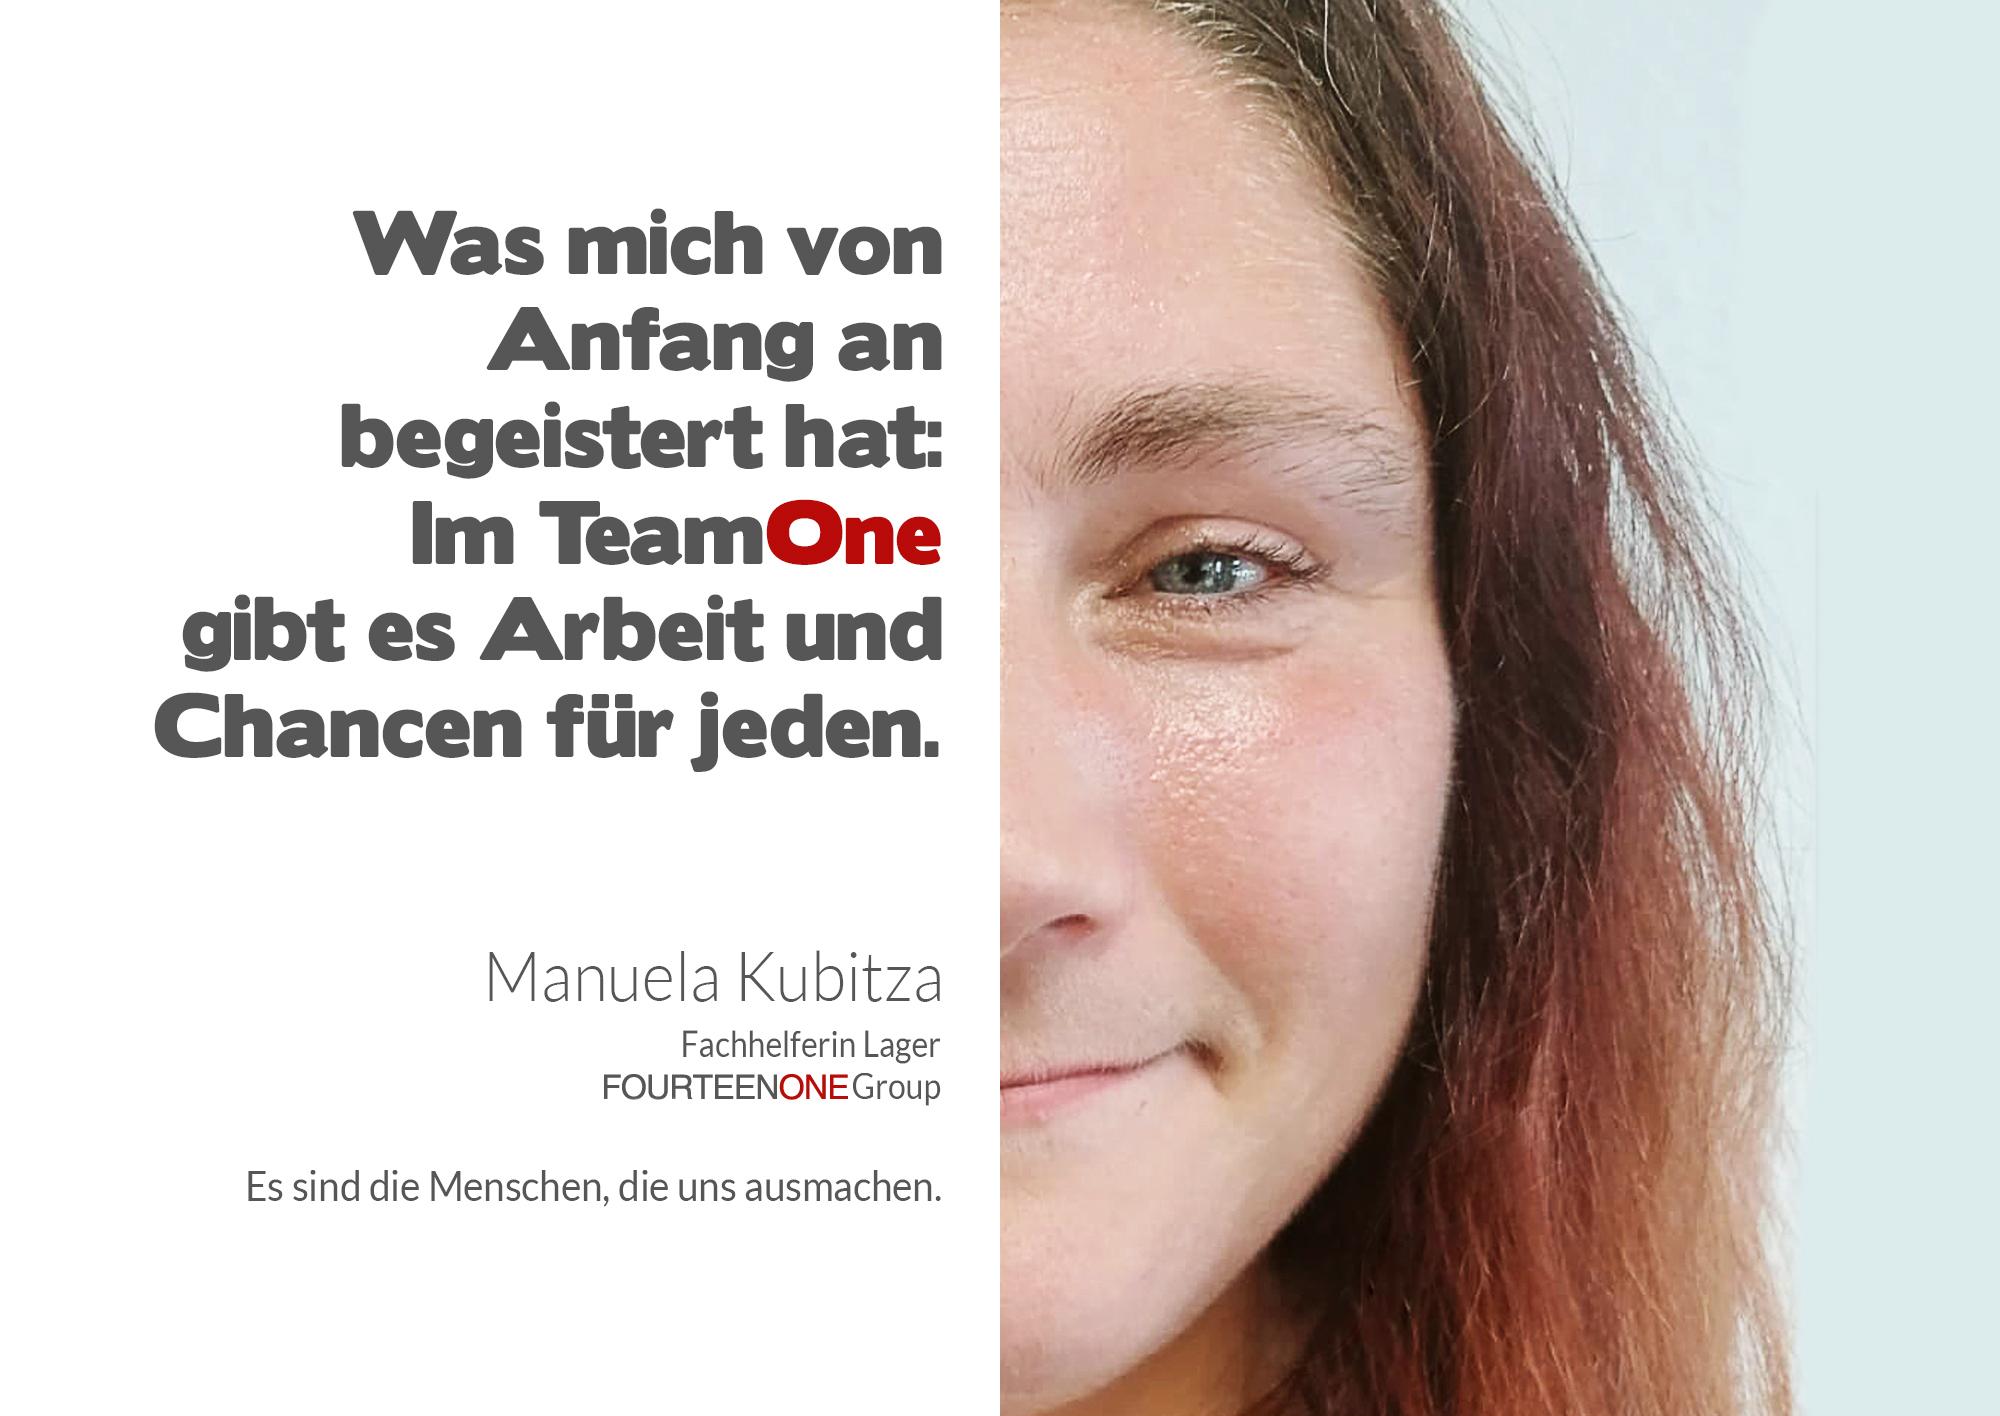 Manuela Kubitza